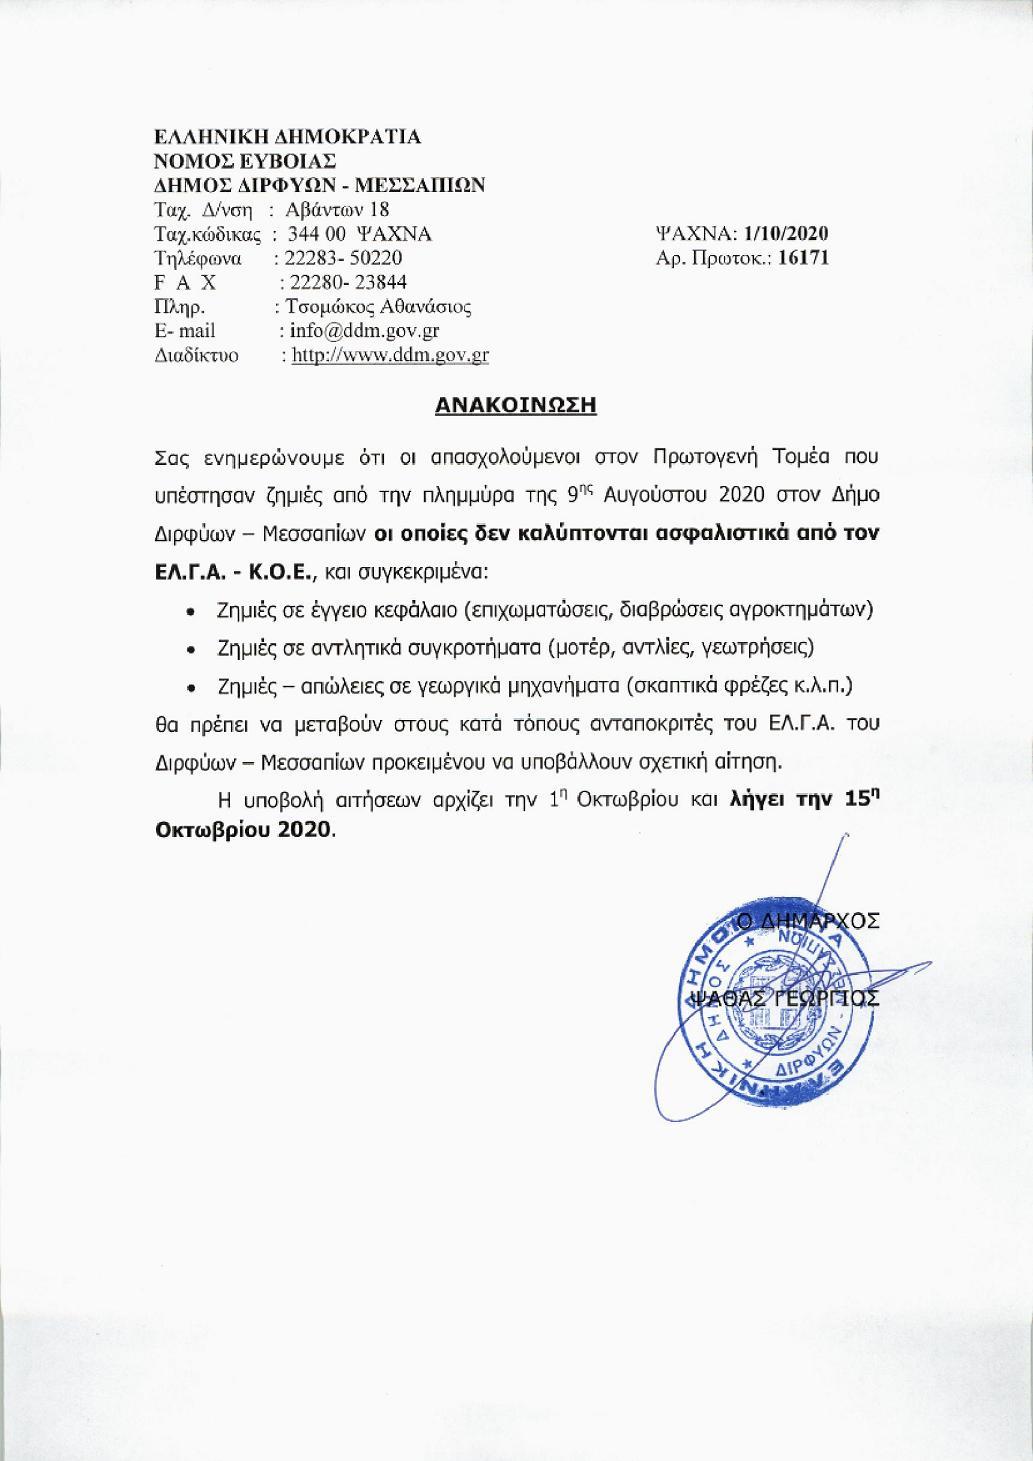 Ανακοίνωση για απασχολούμενους στον πρωτογενή τομέα που υπέστησαν ζημιές για υποβολή αίτησης 33